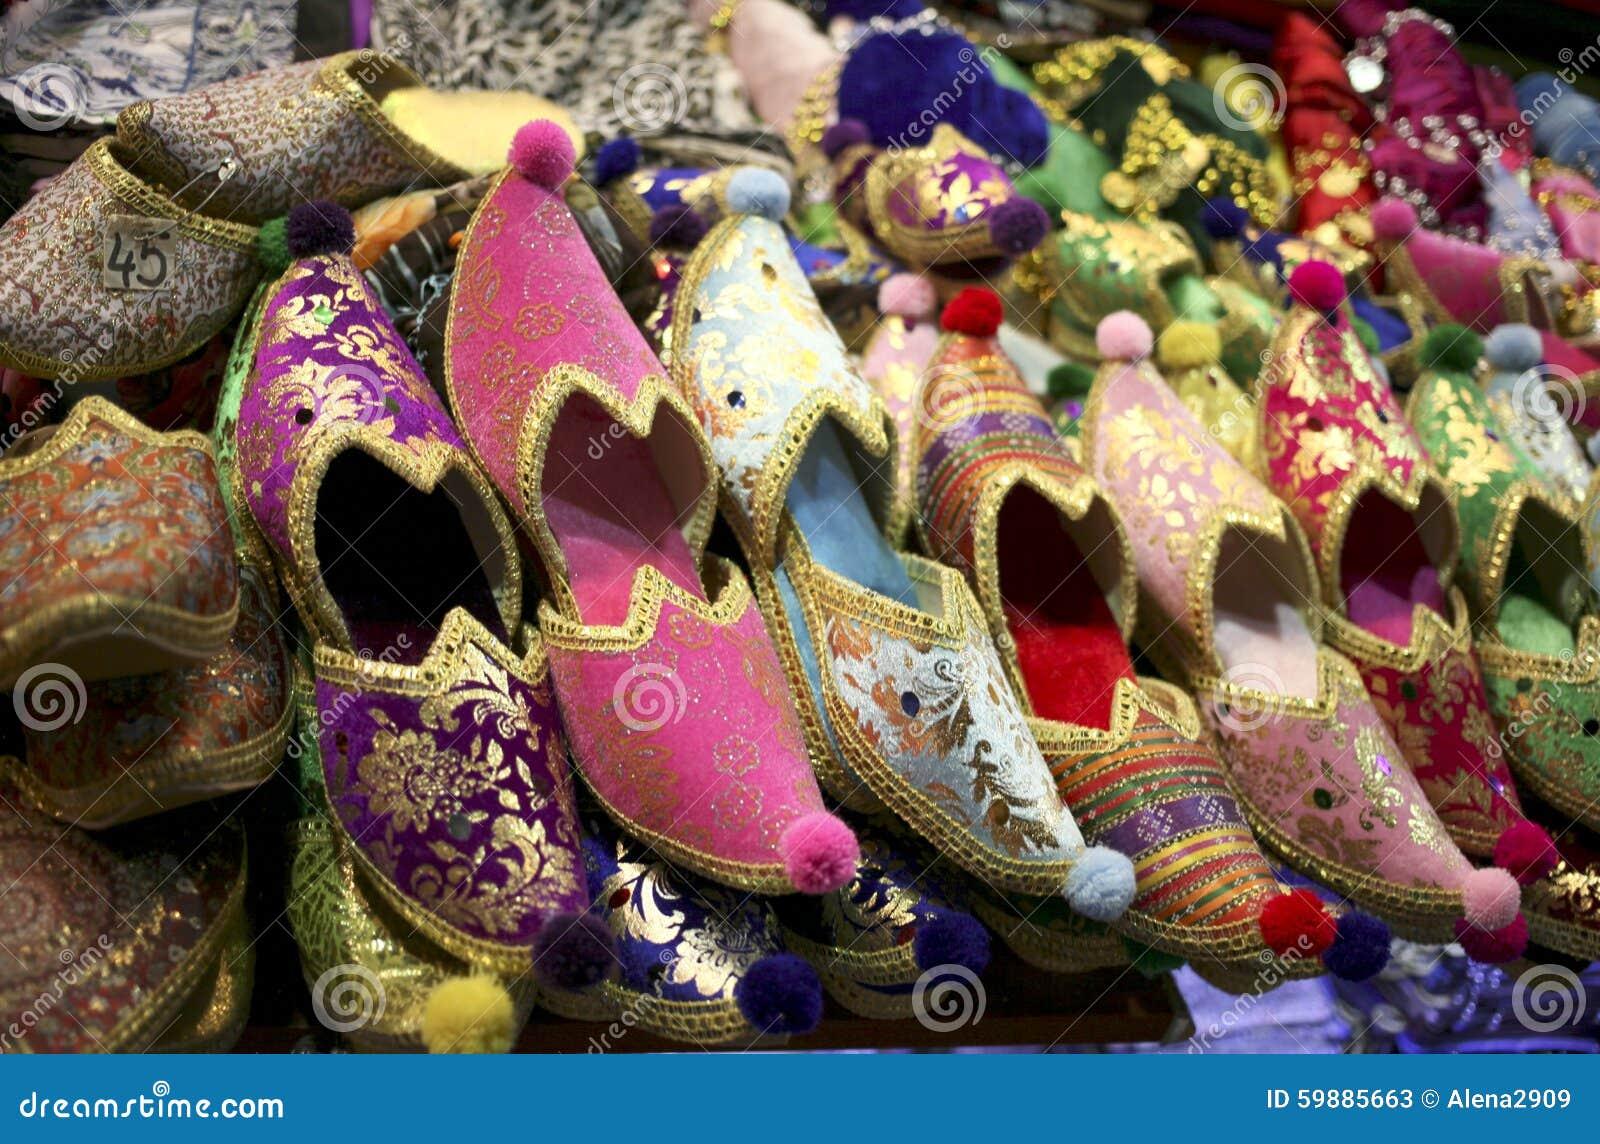 Bunte orientalische Schuhe stockbild. Bild von kunst 59885663